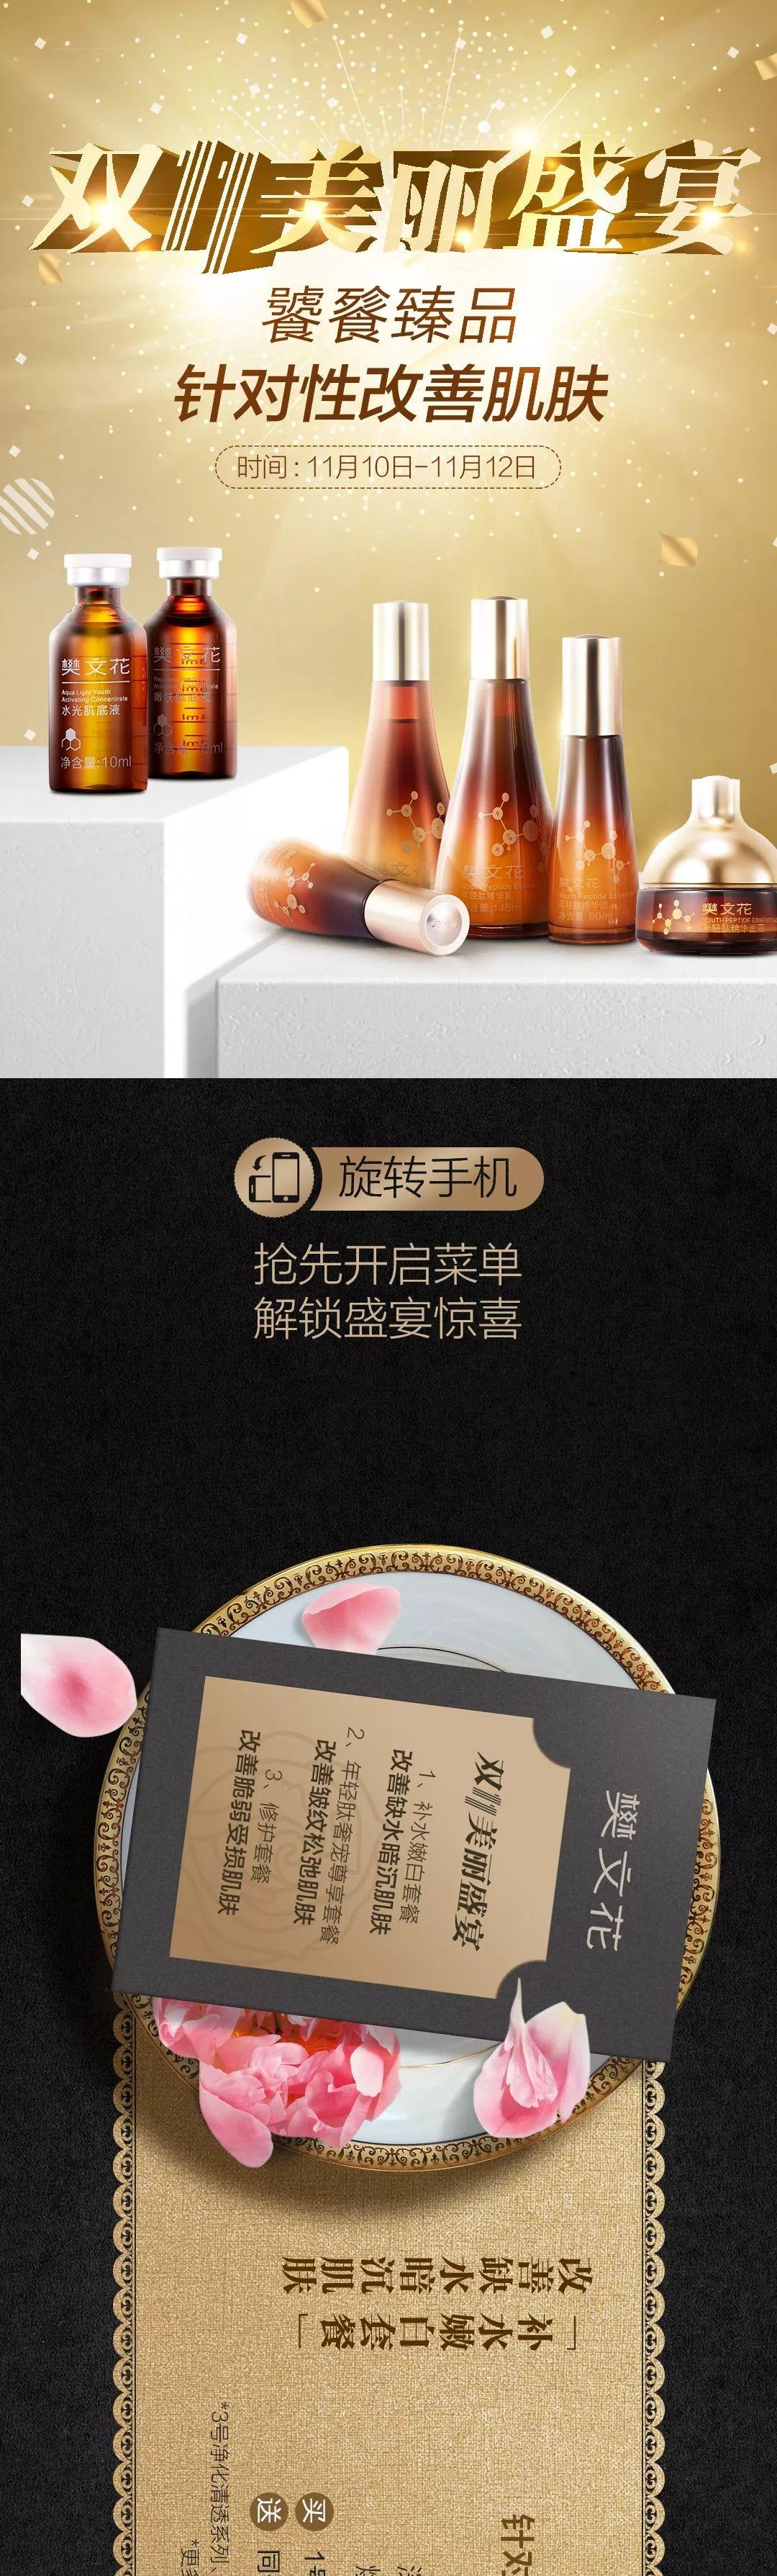 双11美丽盛宴丨5大福利菜单曝光